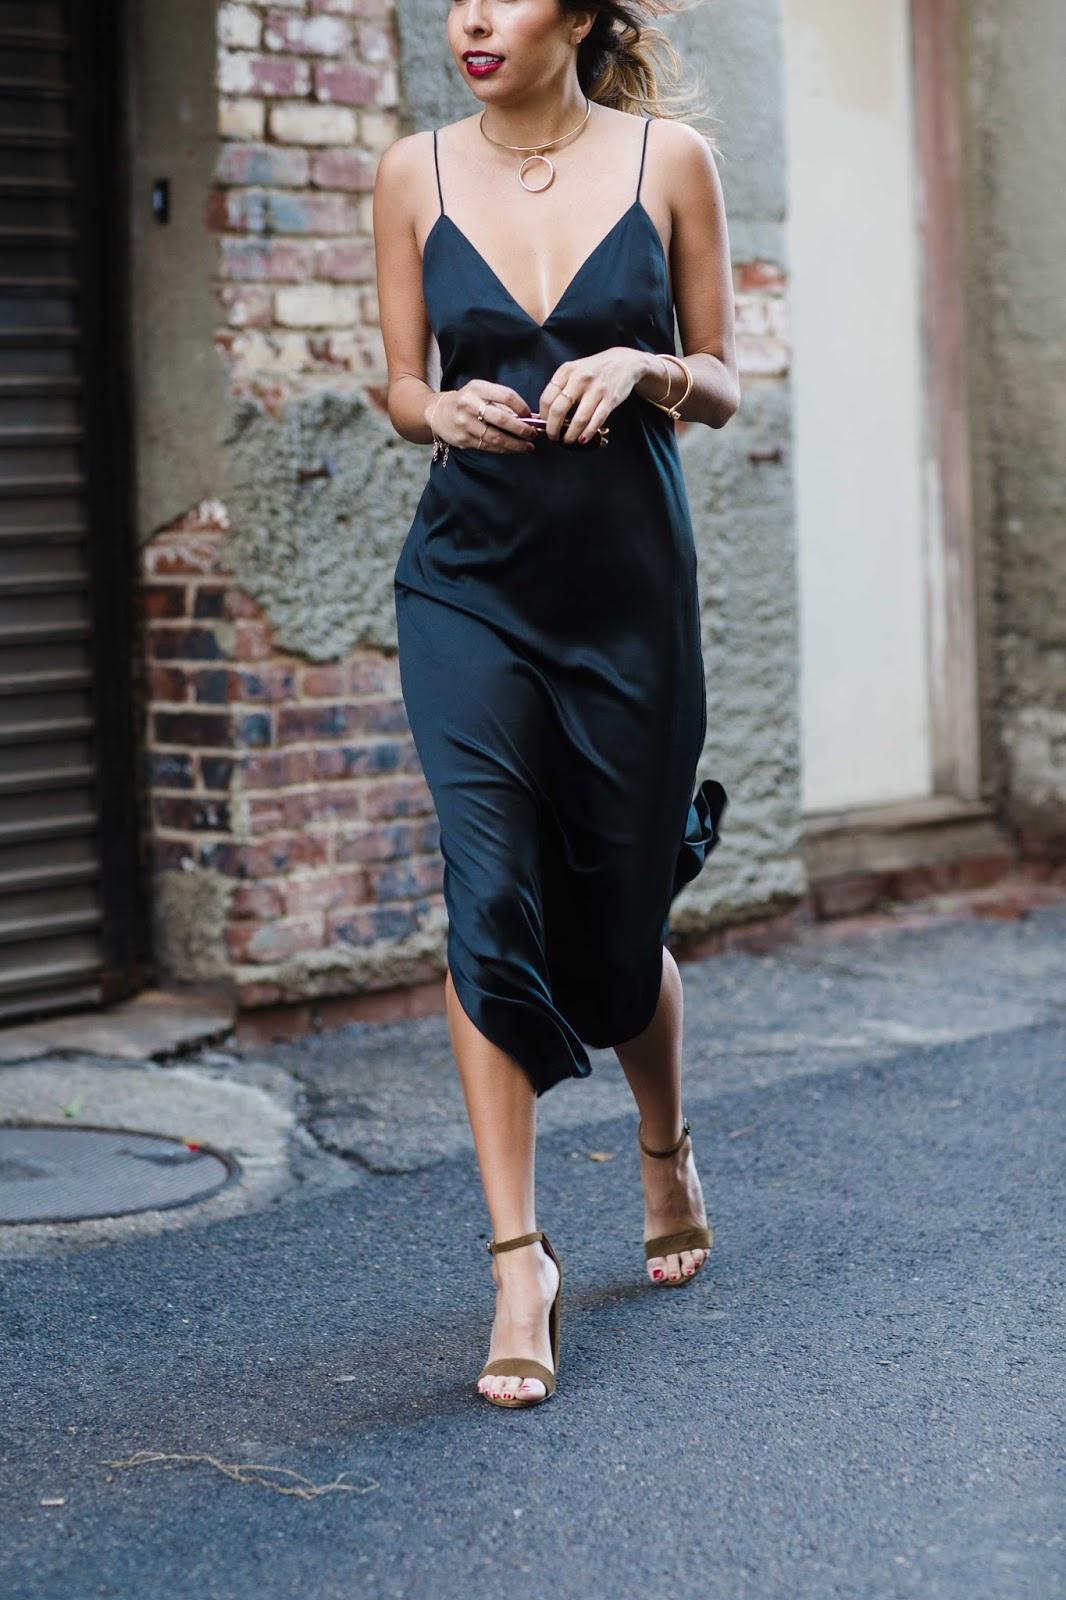 how to wear a slip dress, ways to wear a slip dress, slip dress styles, slip dress for summer